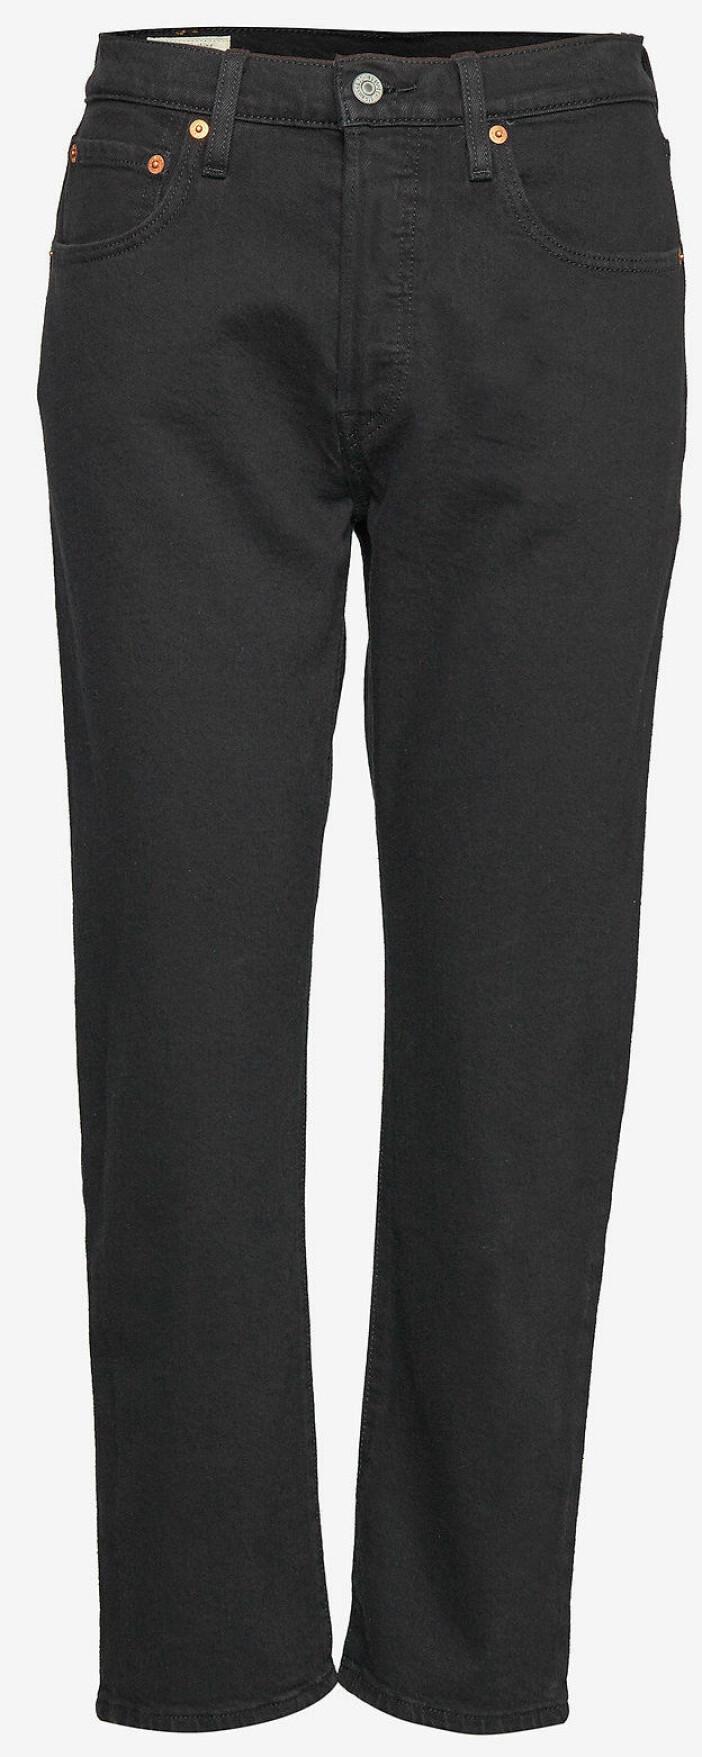 Svarta jeans i rak modell från Levis.